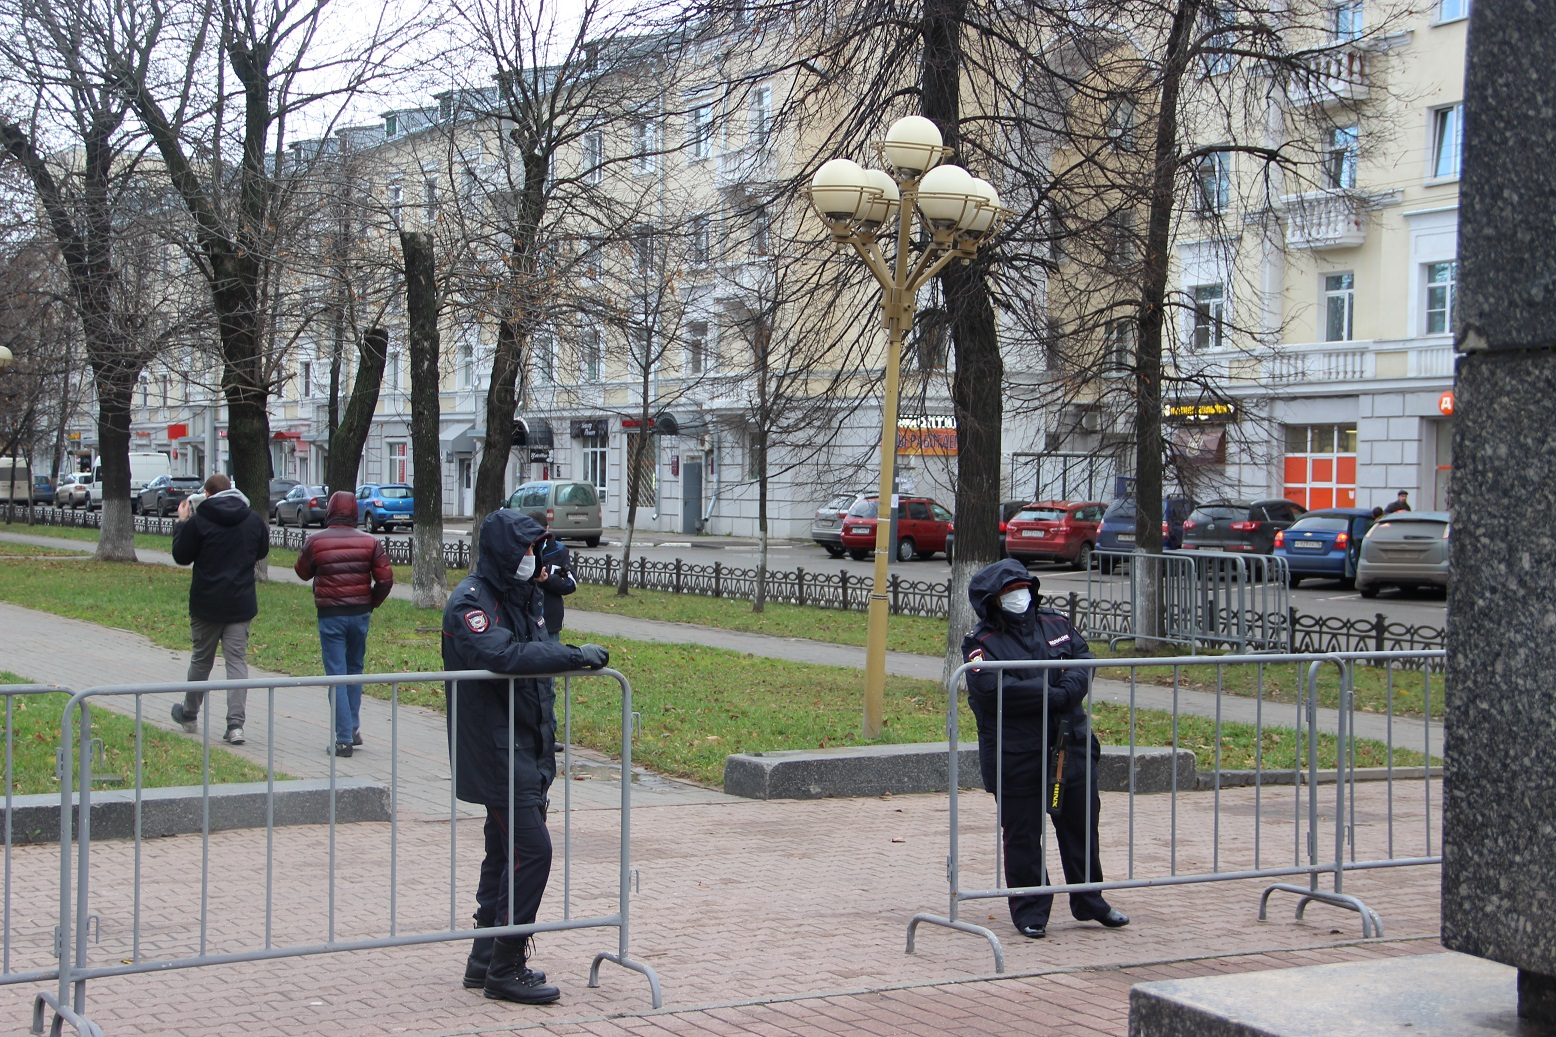 Депутат от партии власти предлагает ужесточить законодательство о проведении митингов и шествий